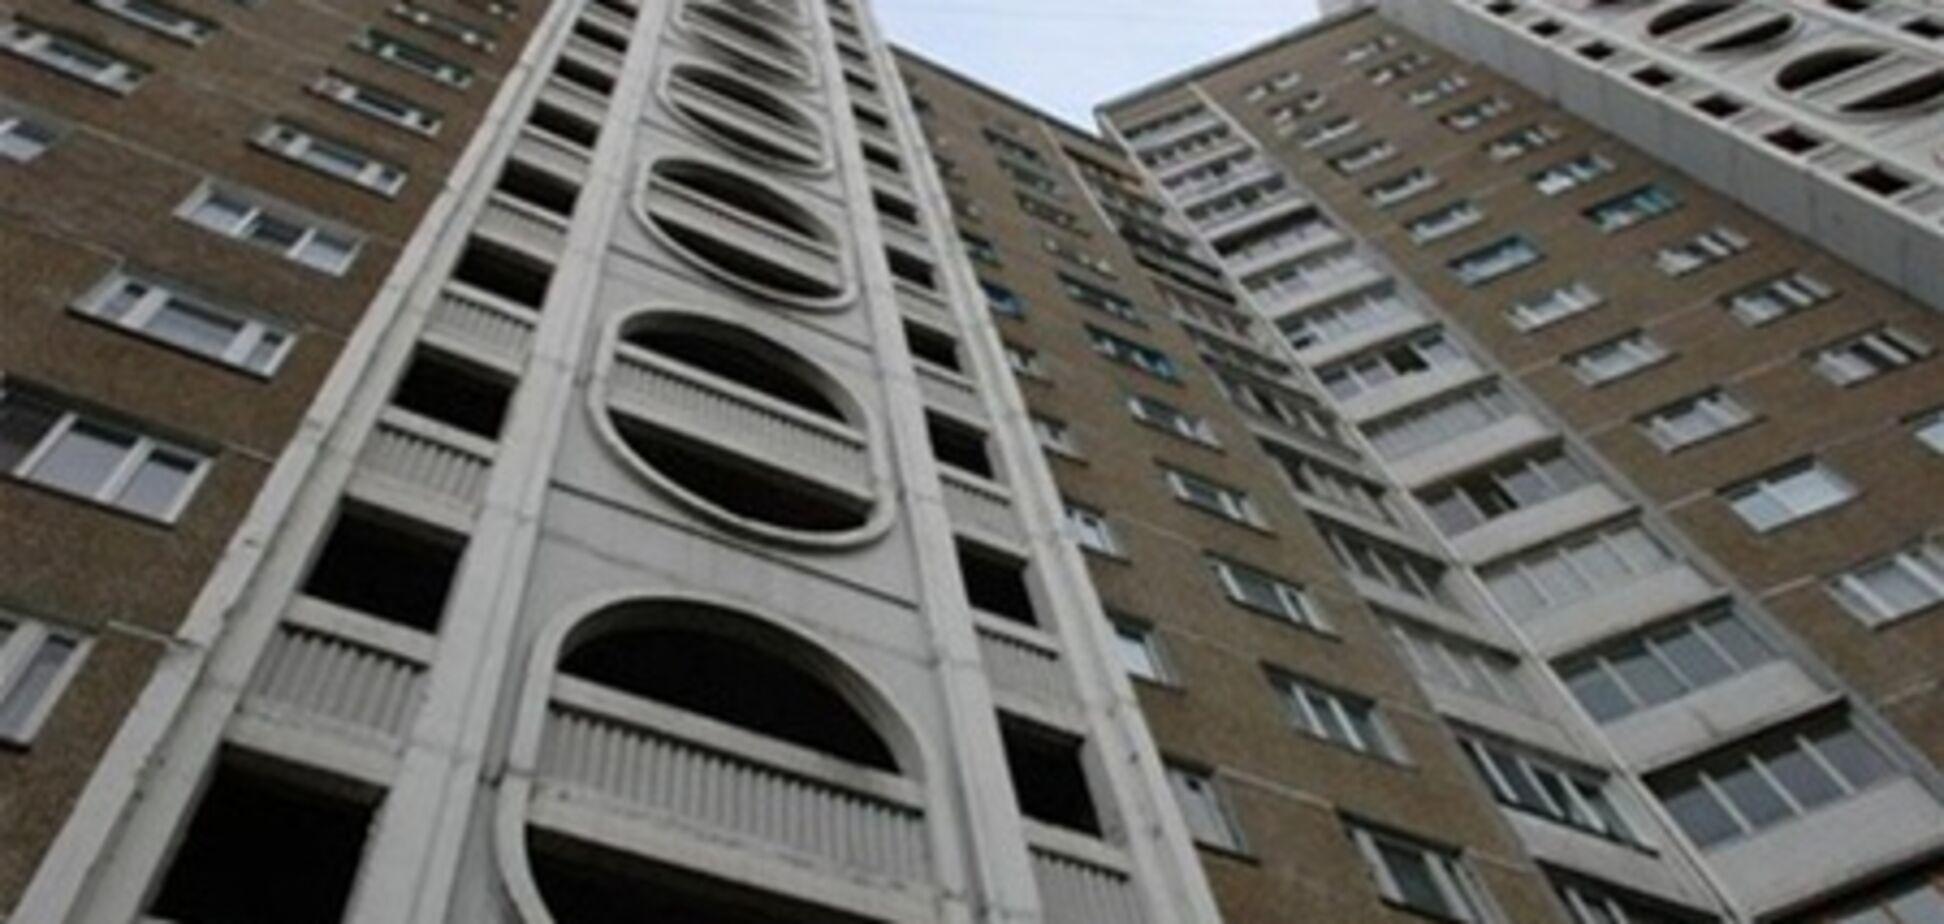 Как избежать риска при покупке квартиры - полезные советы